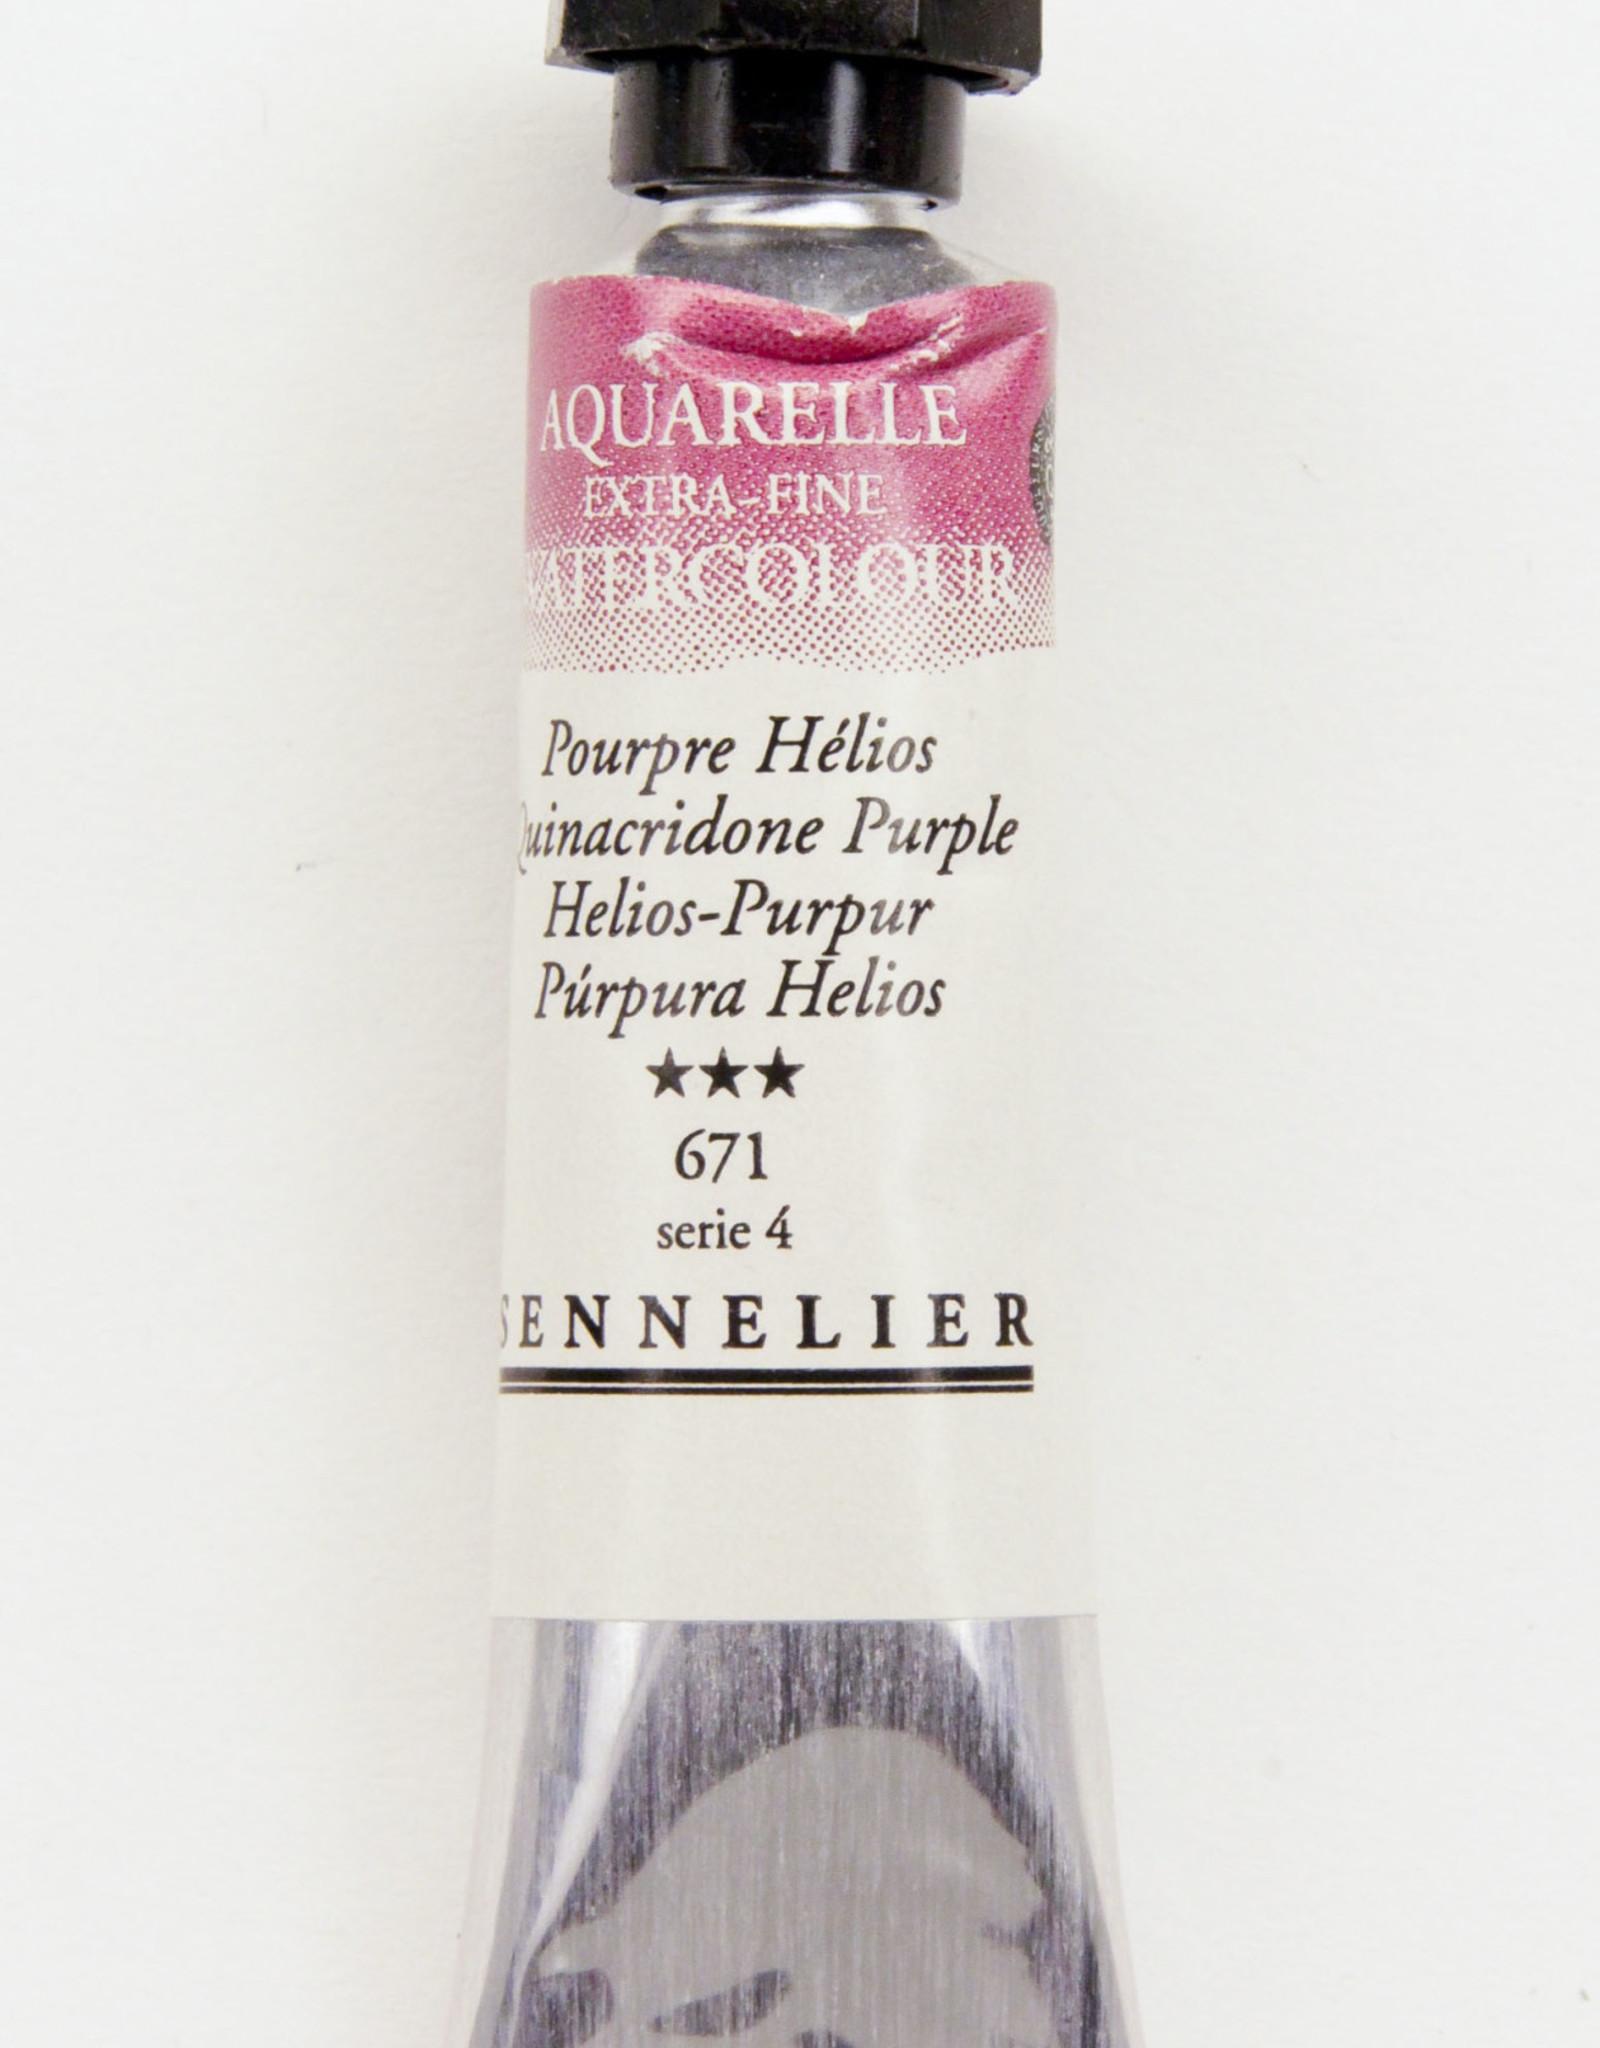 Sennelier, Aquarelle Watercolor Paint, Helios Purple, 671,10ml Tube, Series 3